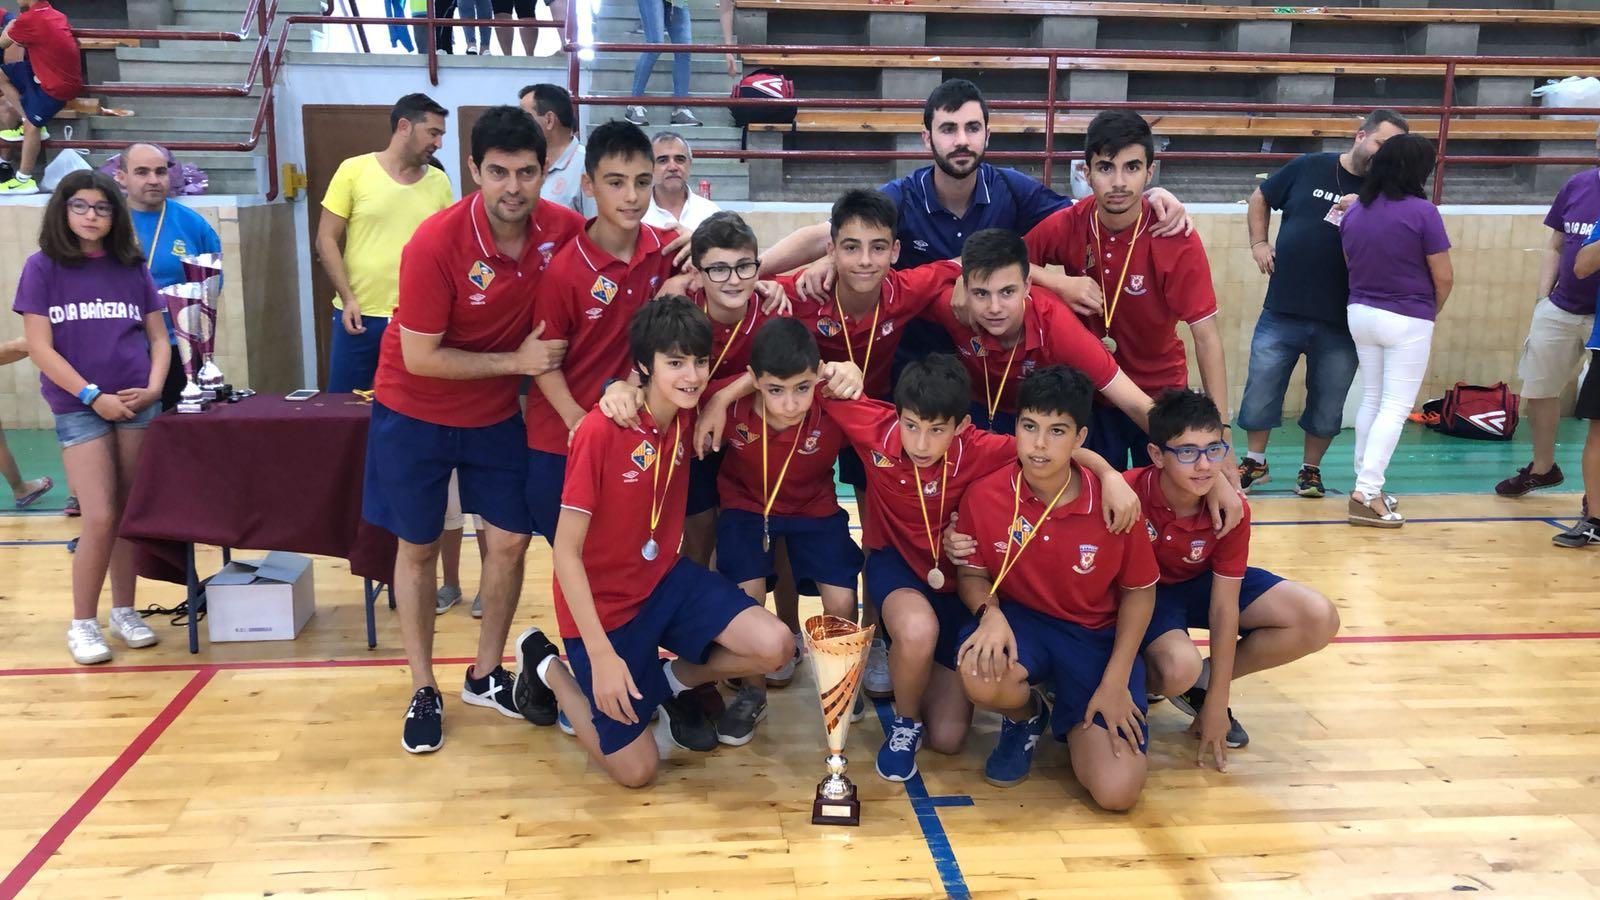 El equipo infantil ganó el torneo de su categoría en La Bañeza